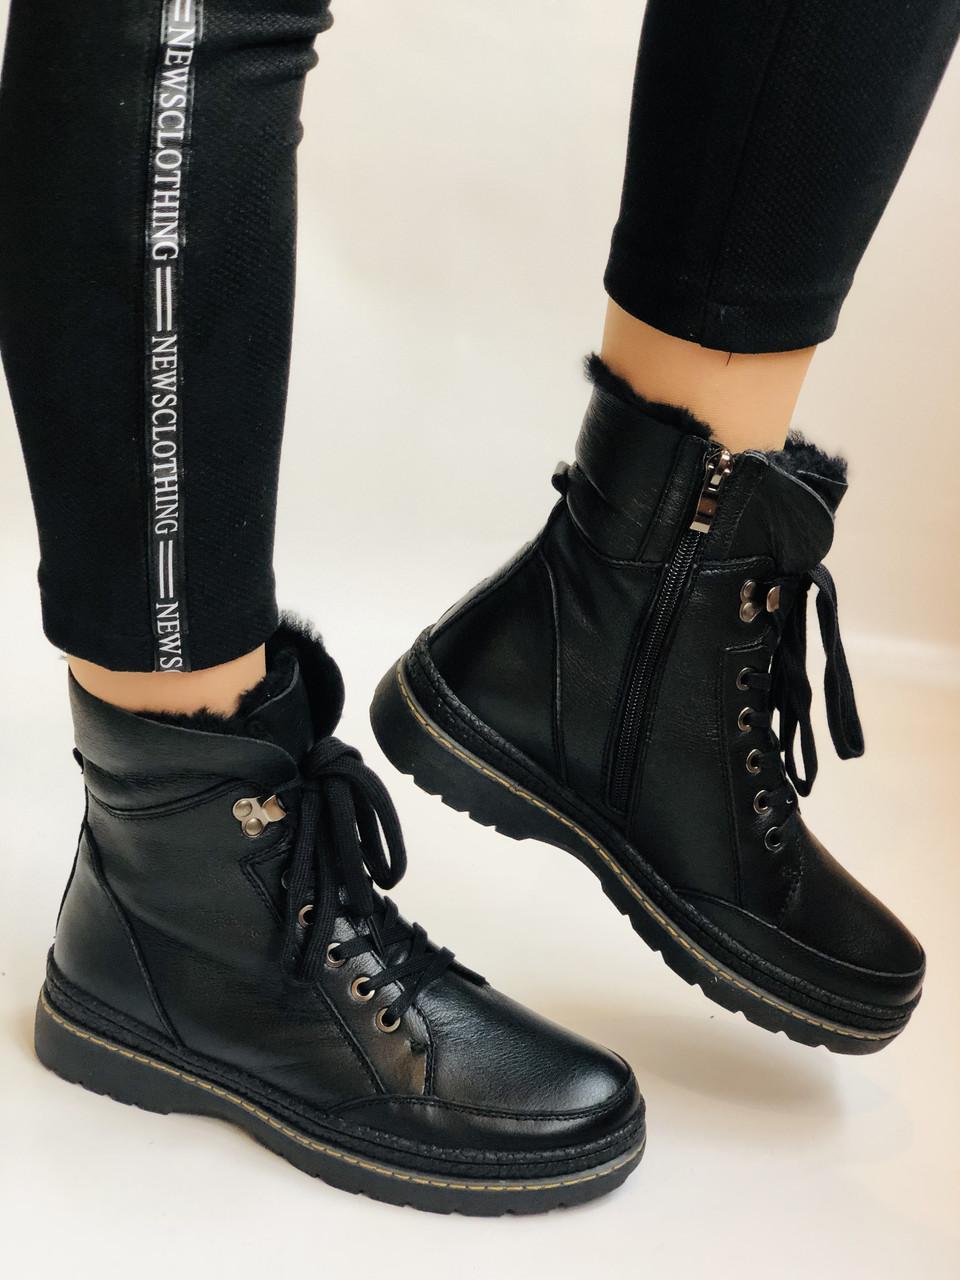 Женские ботинки. Натуральный мех. Натуральная кожа. 24pfm  Р. 37, 38,39,40